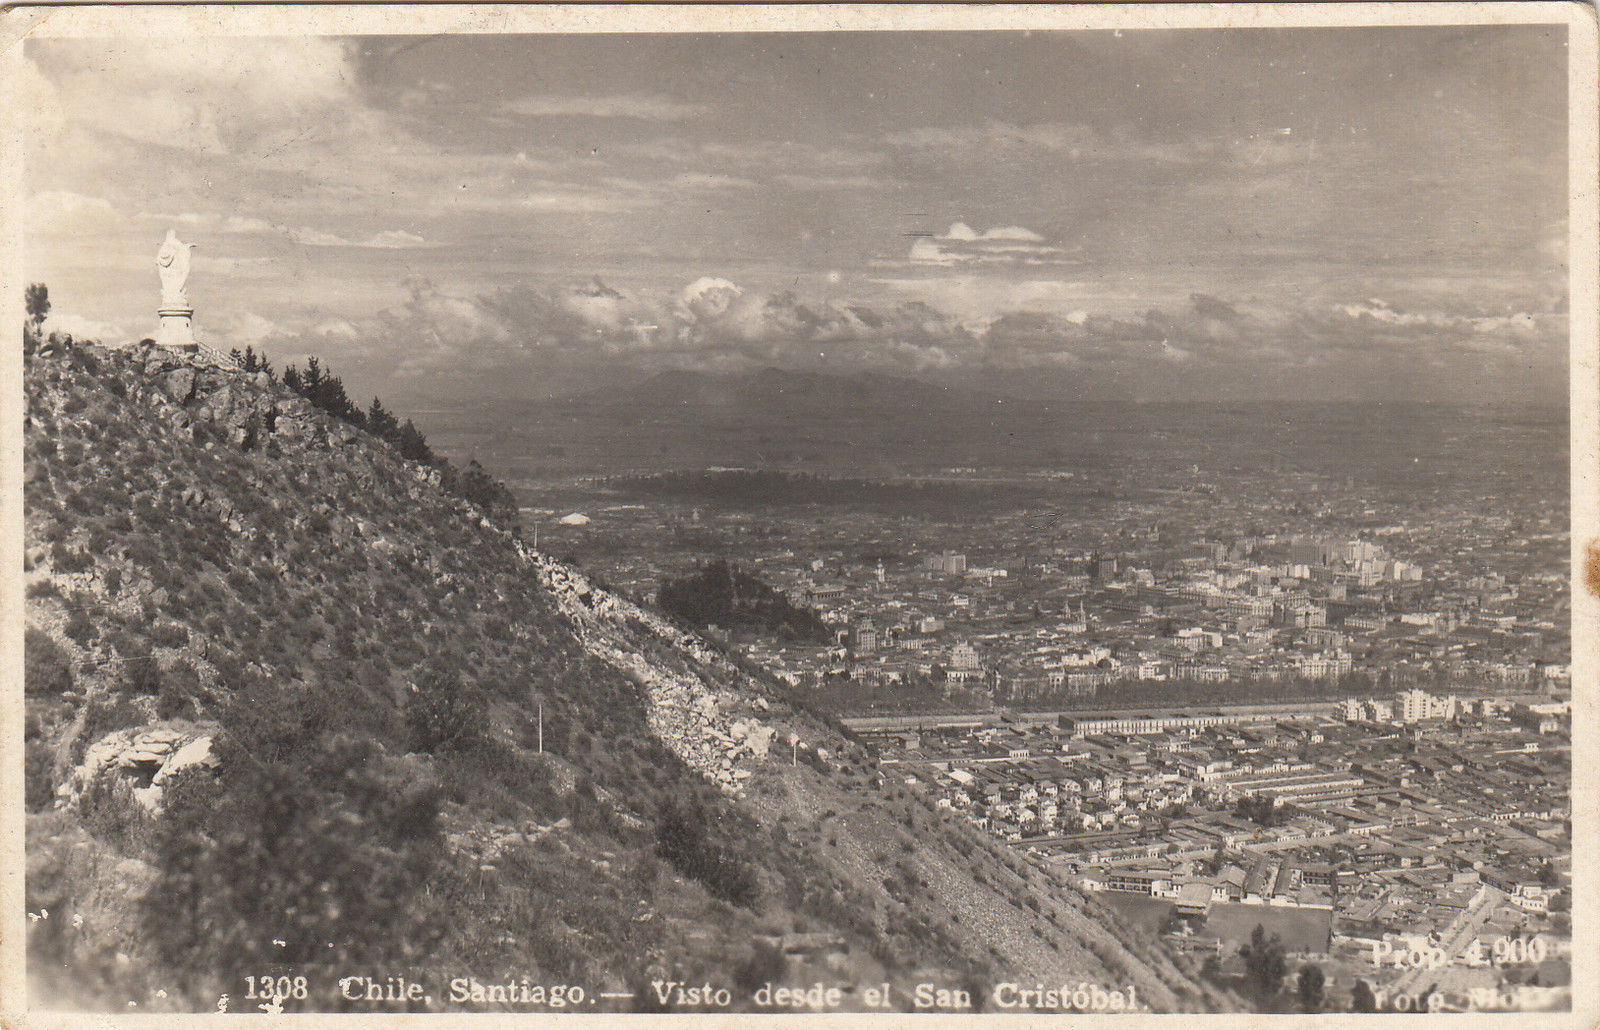 Enterreno - Fotos históricas de chile - fotos antiguas de Chile - Cerro San Cristóbal en 1948